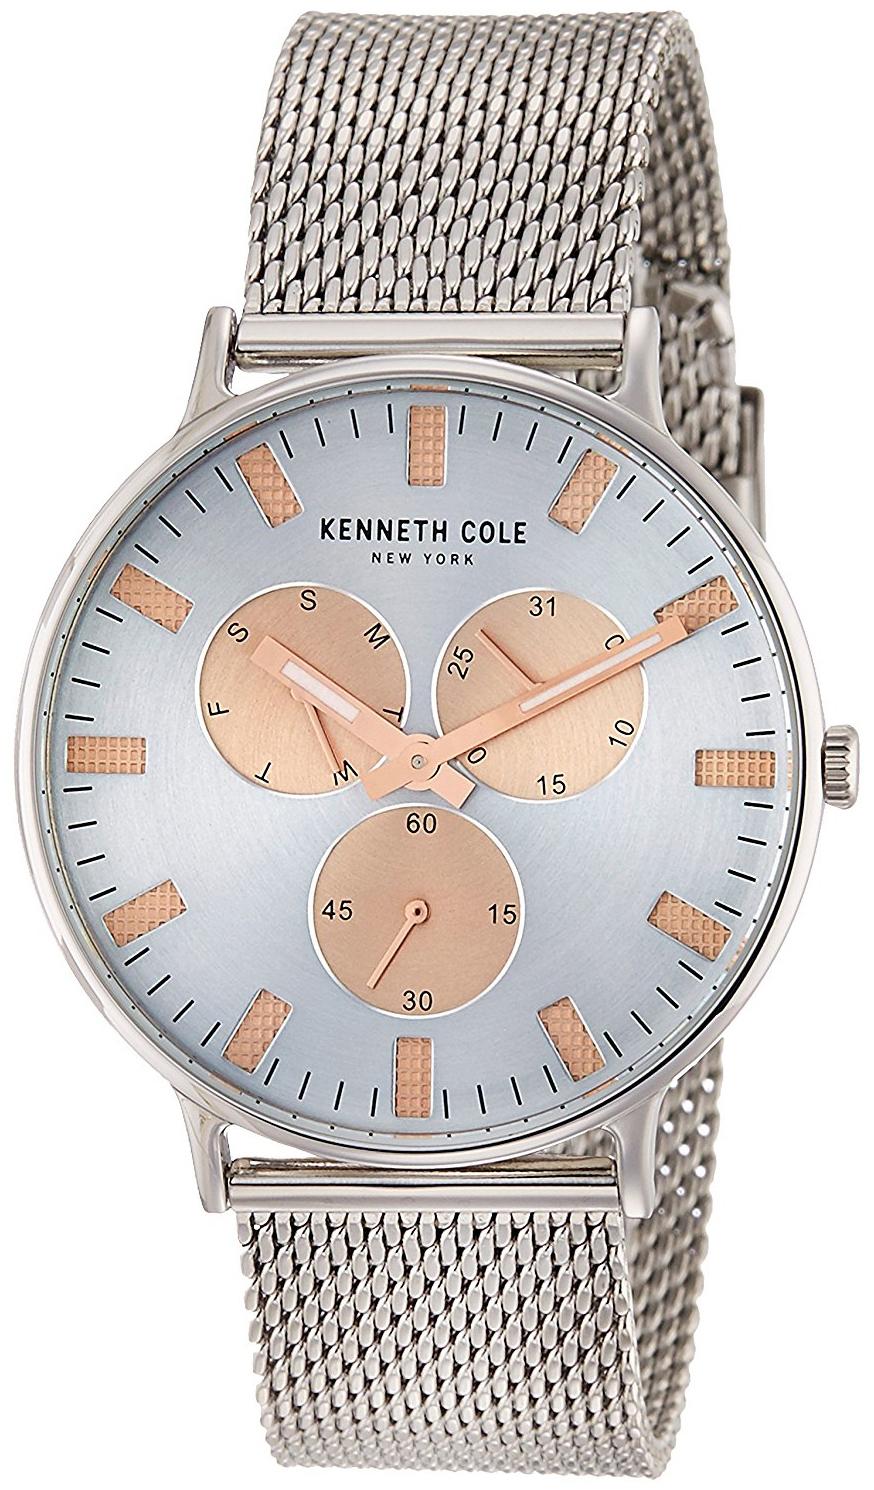 Kenneth Cole Fashion Herrklocka 10031469 Silverfärgad/Stål Ø41 mm - Kenneth Cole